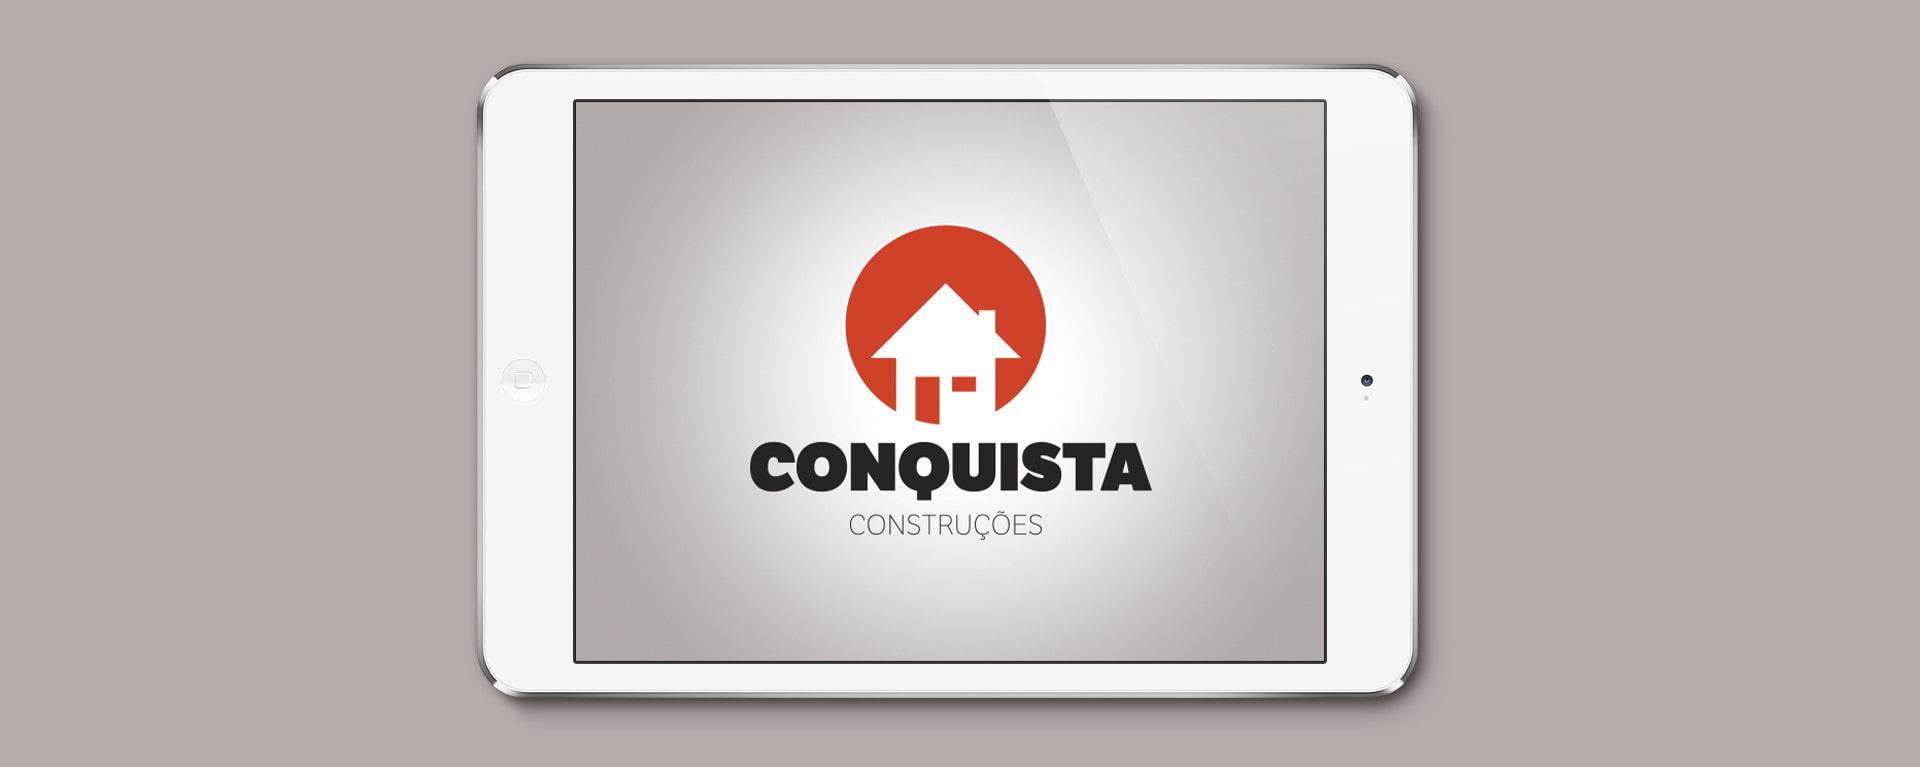 Logotipo Consquista Construções